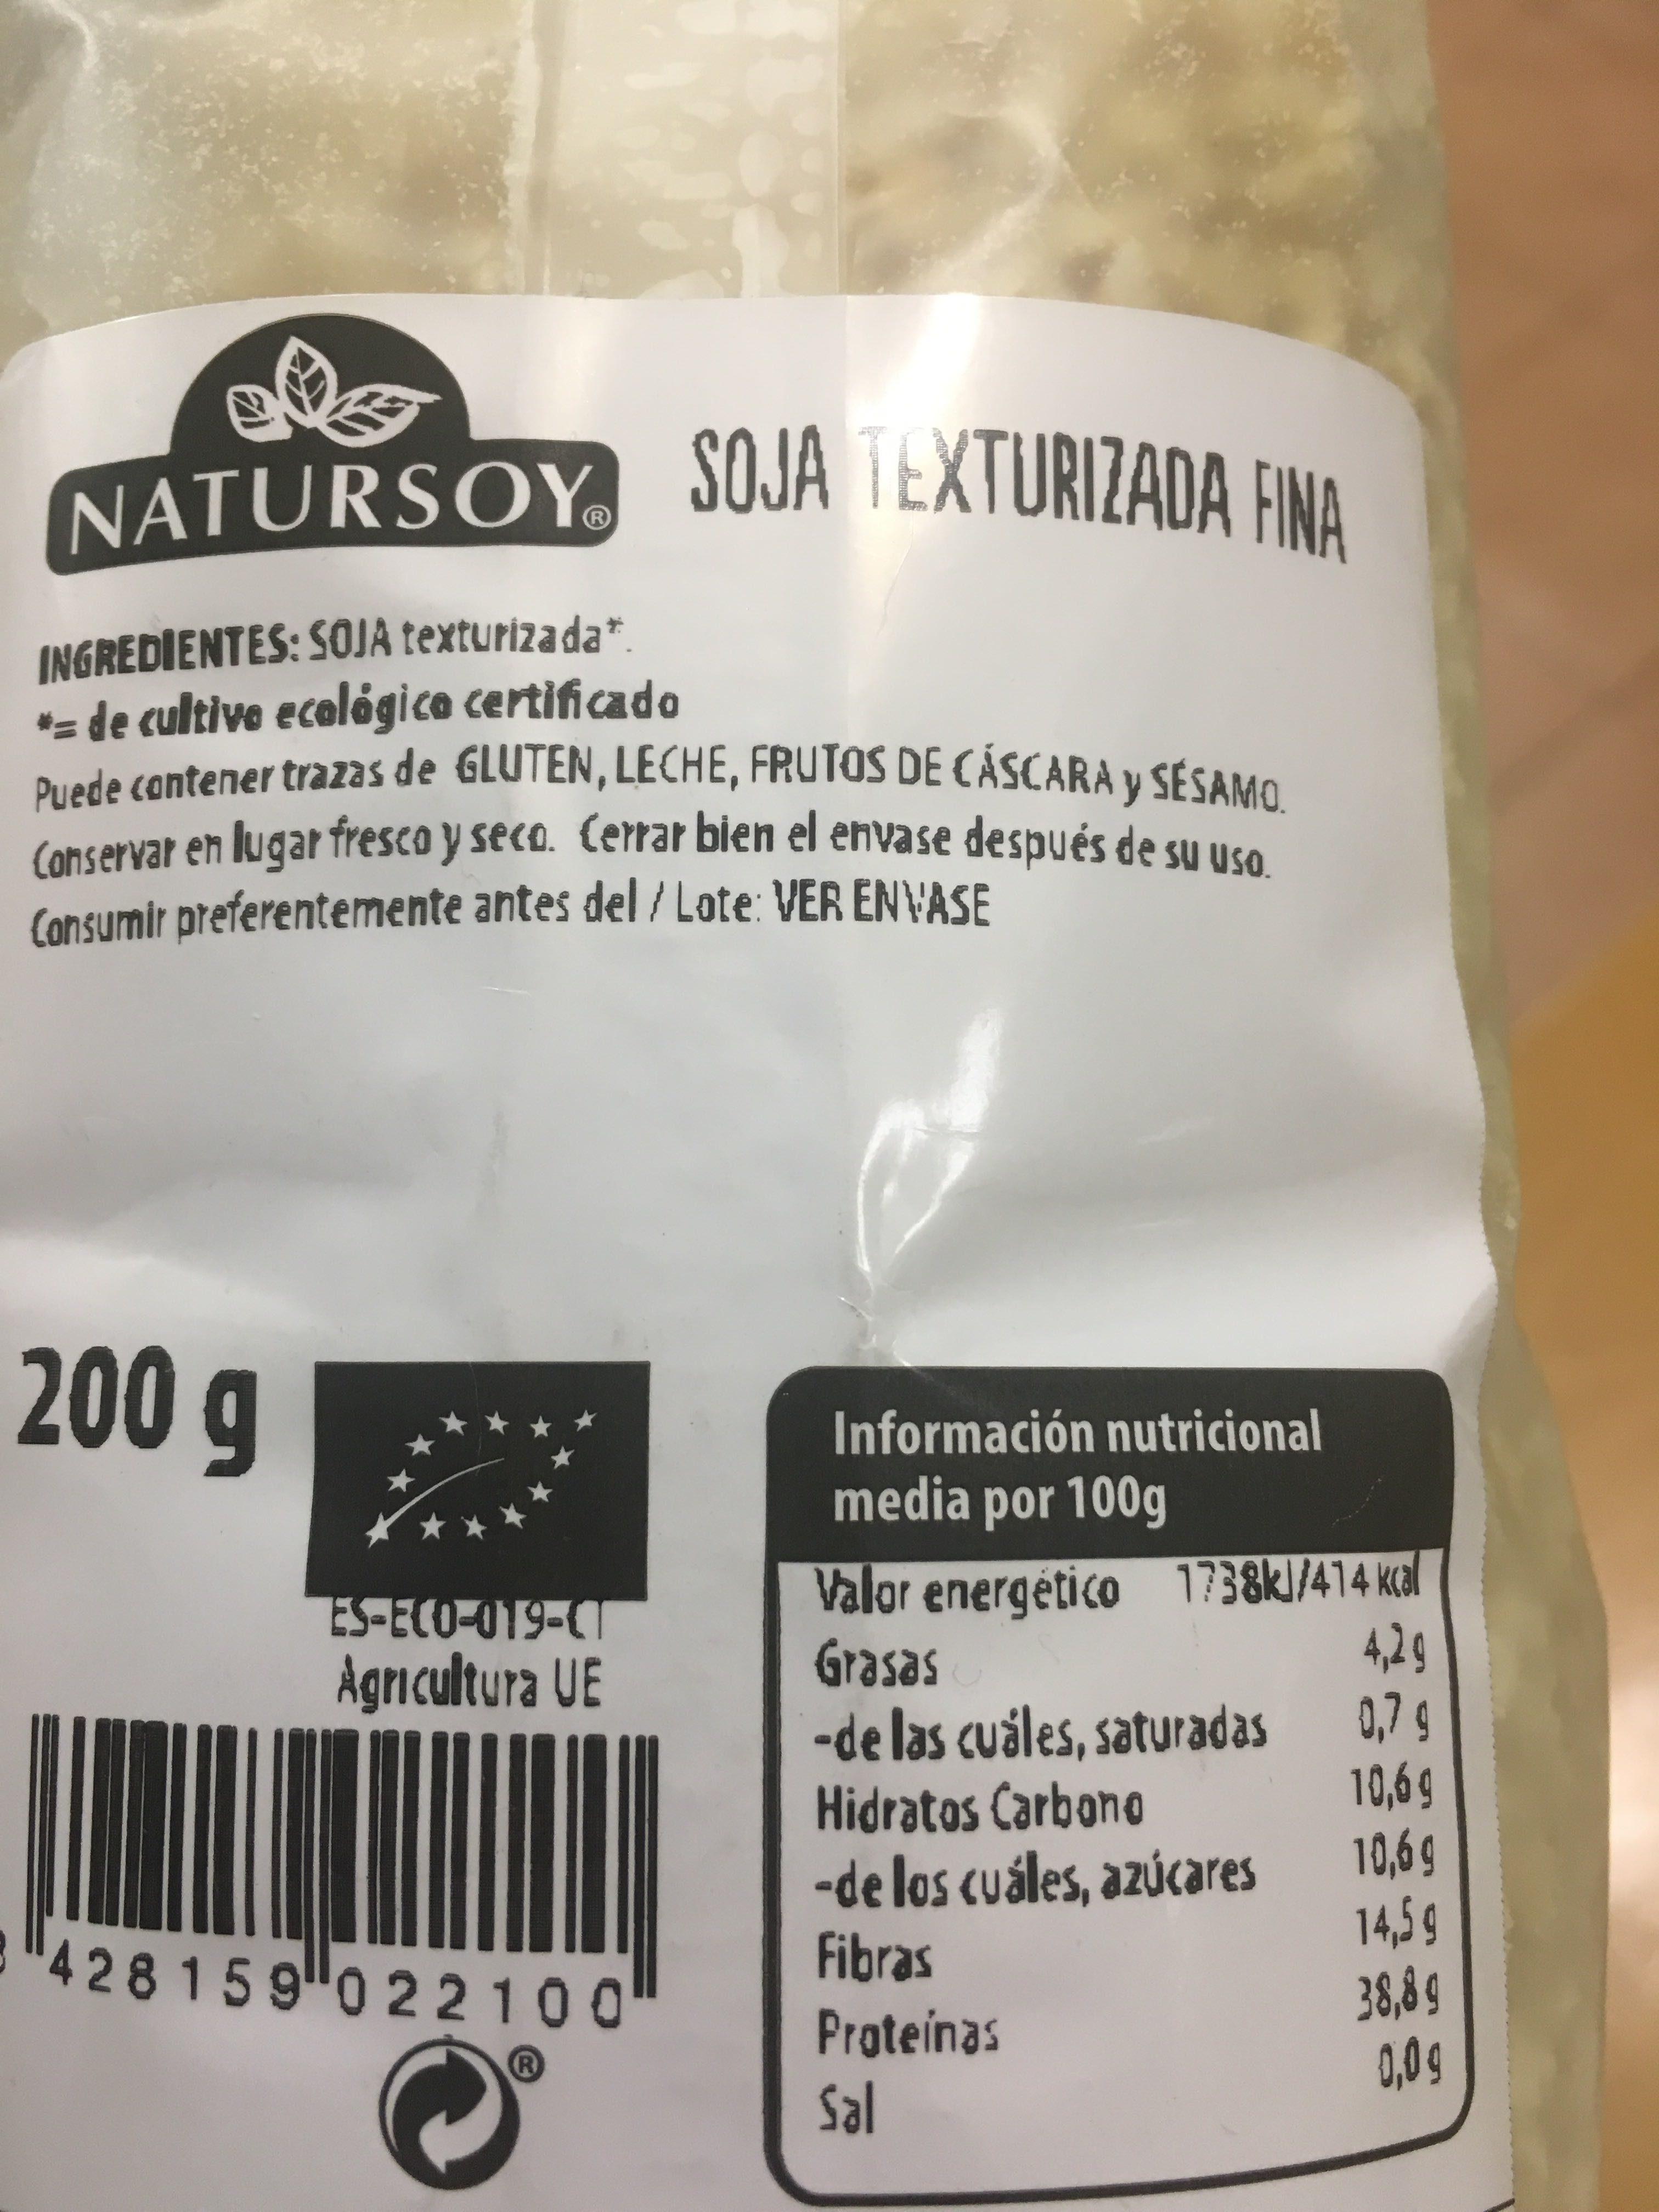 Soja texturizada - Producto - es